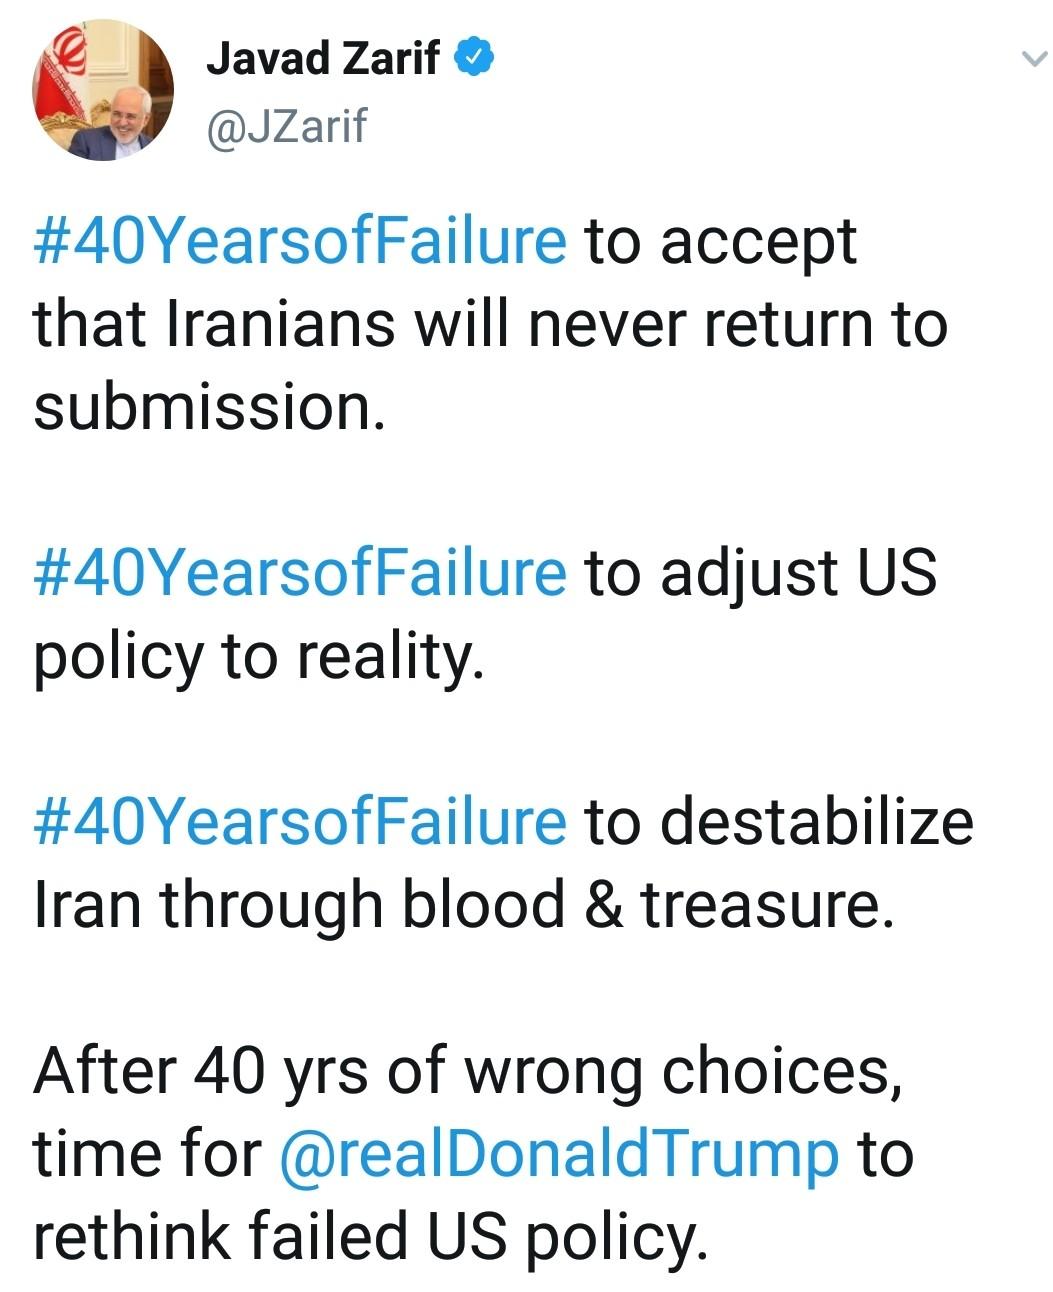 ایالات متحده ۴۰ سال است که در منطبق کردن سیاست خود با واقعیت ناکام مانده است